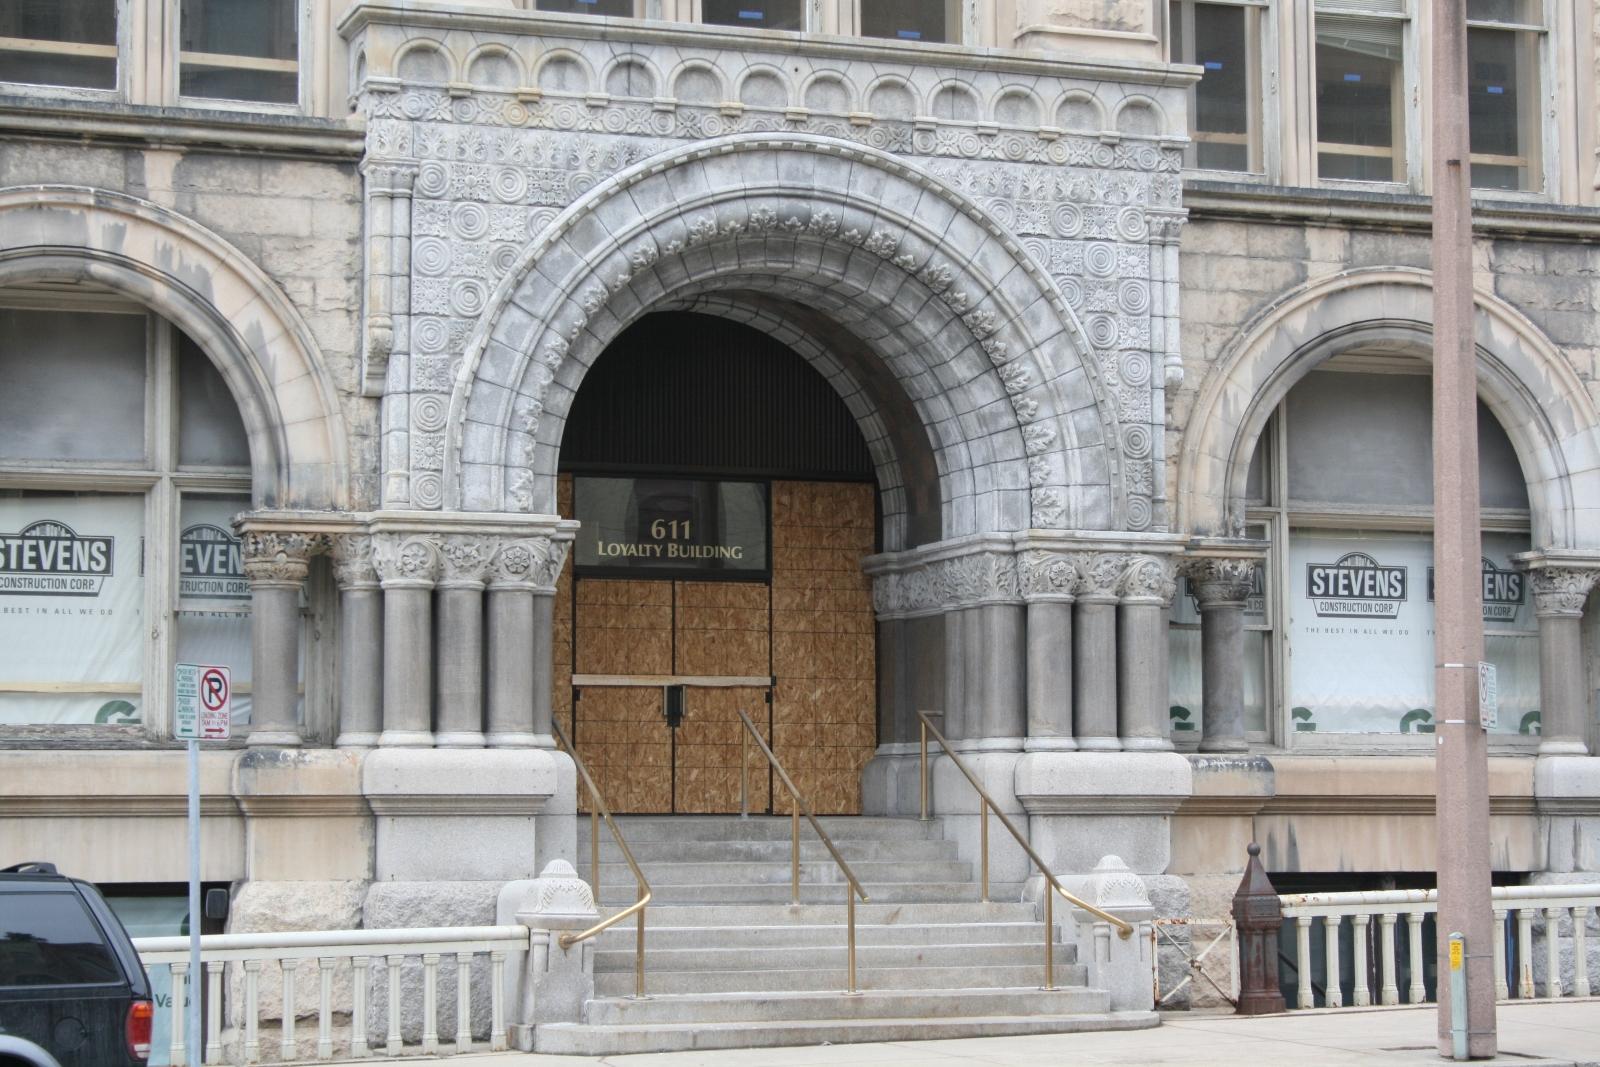 Loyalty Building Entrance